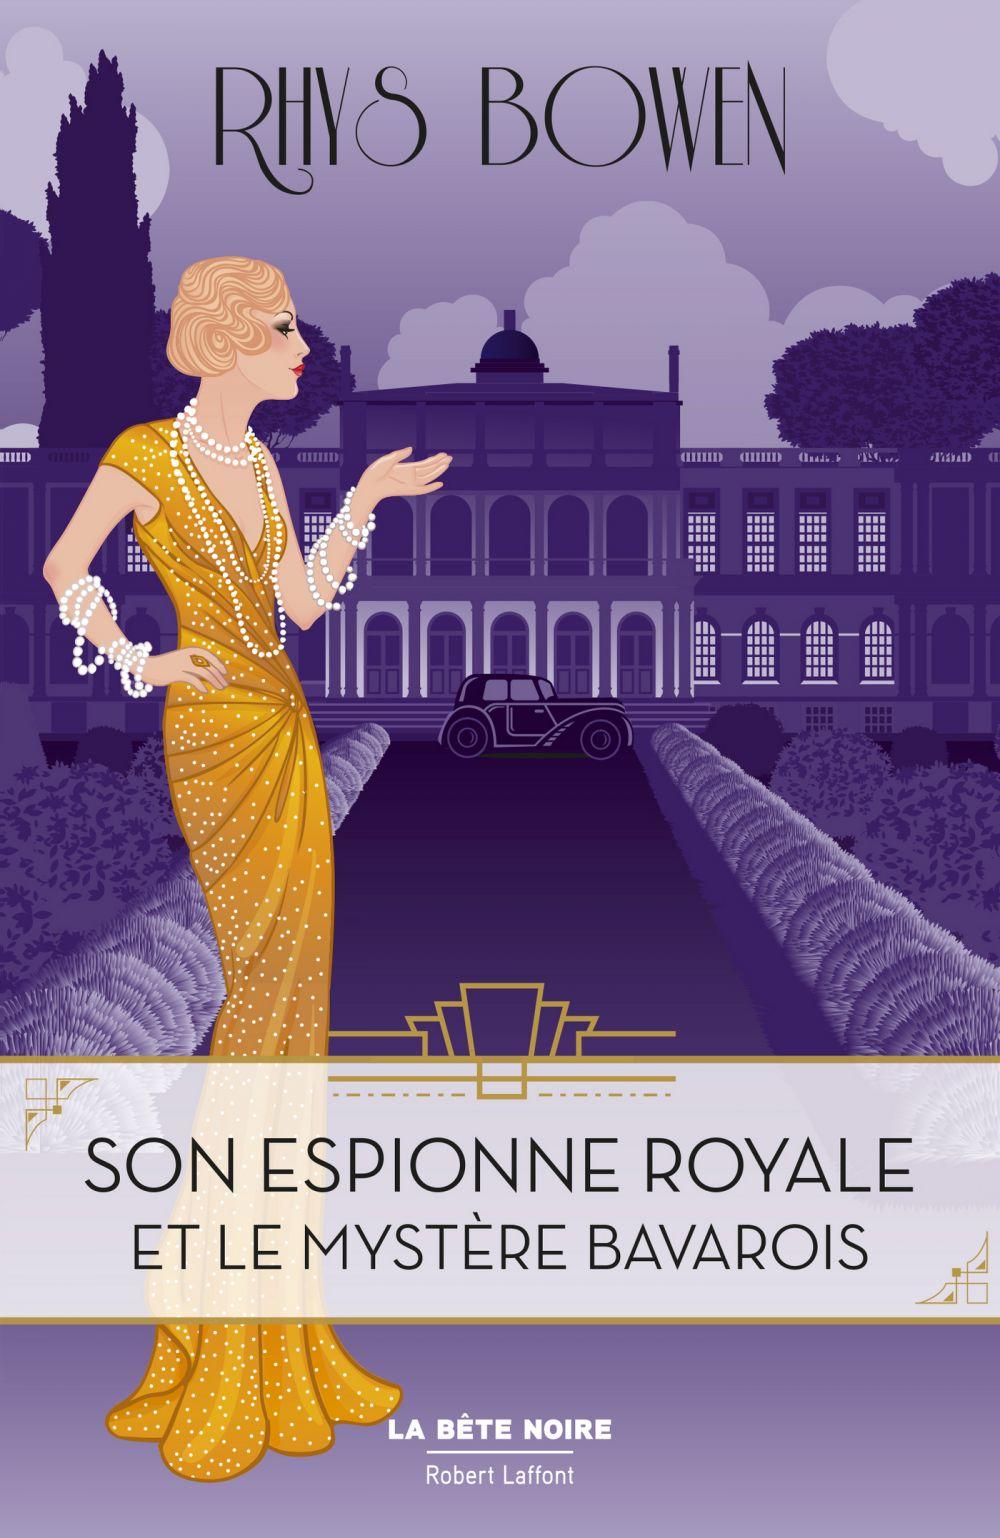 Son Espionne royale et le mystère bavarois - Tome 2 | BOWEN, Rhys